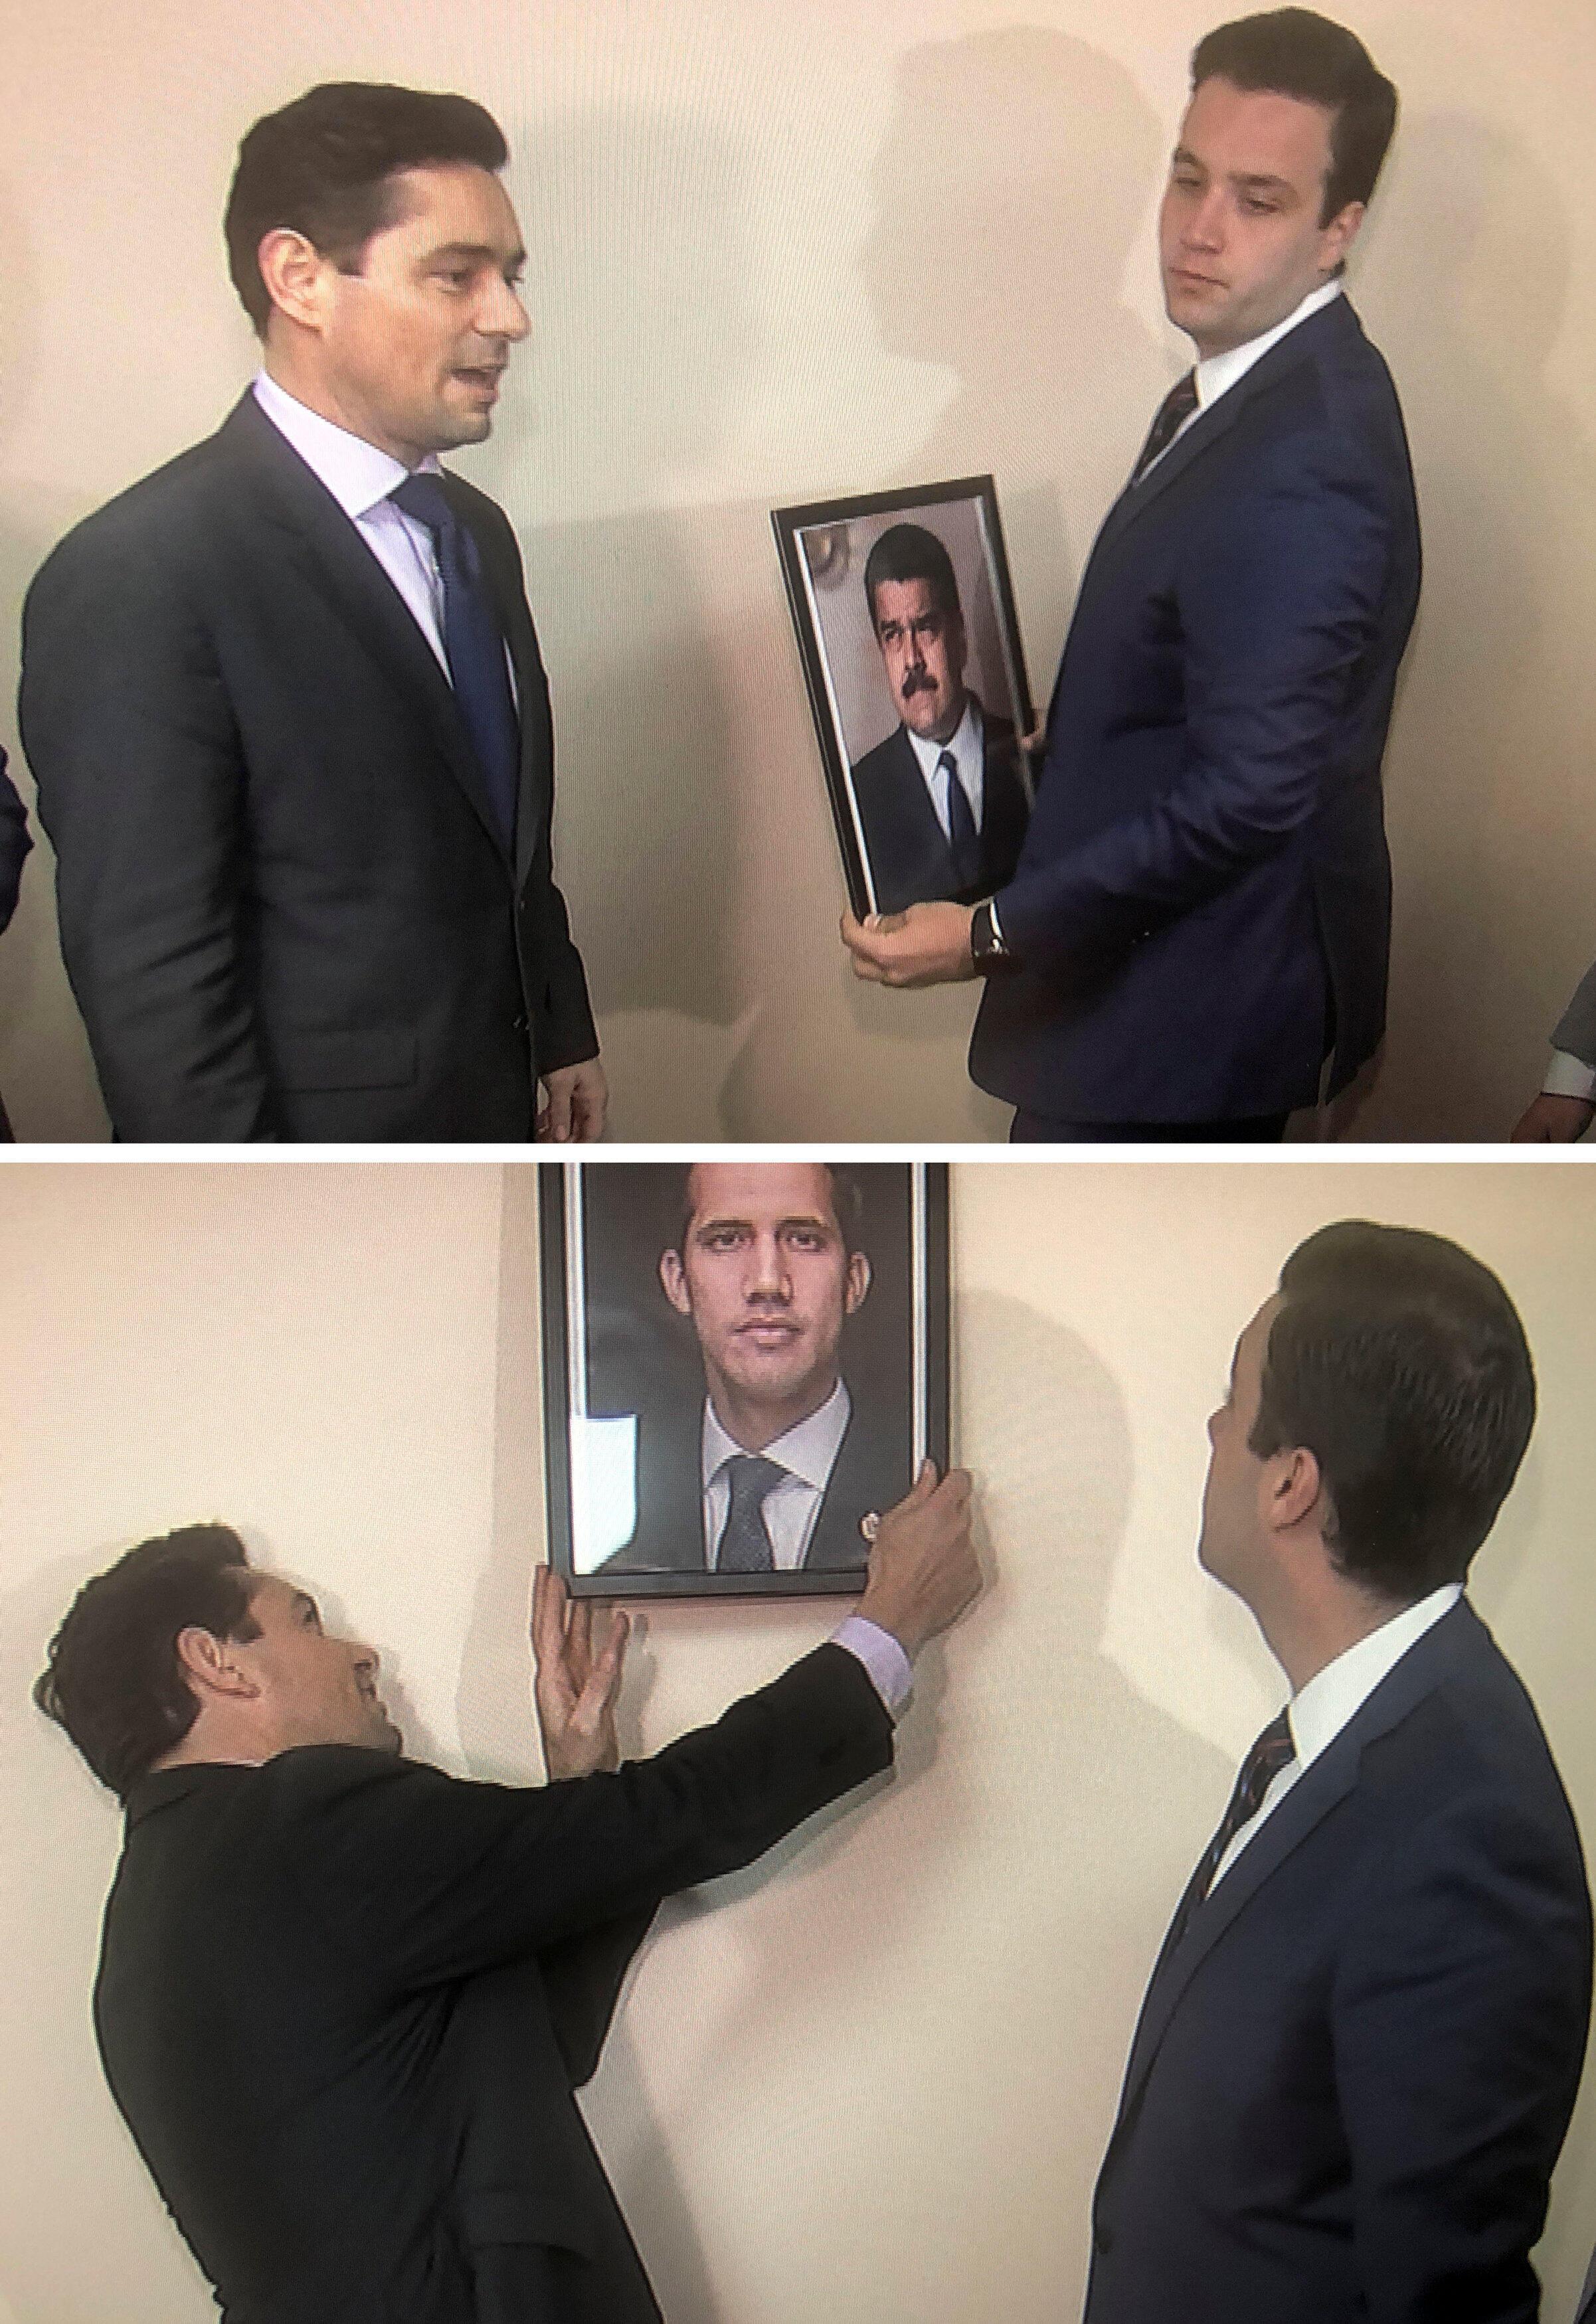 Carlos Vecchio (à gauche), l'envoyé aux États-Unis du chef de l'opposition vénézuélienne remplace la photo de Nicolas Maduro par celle Juan Guaido après avoir pris le contrôle d'un bâtiment à Washington, le 19 mars 2019.